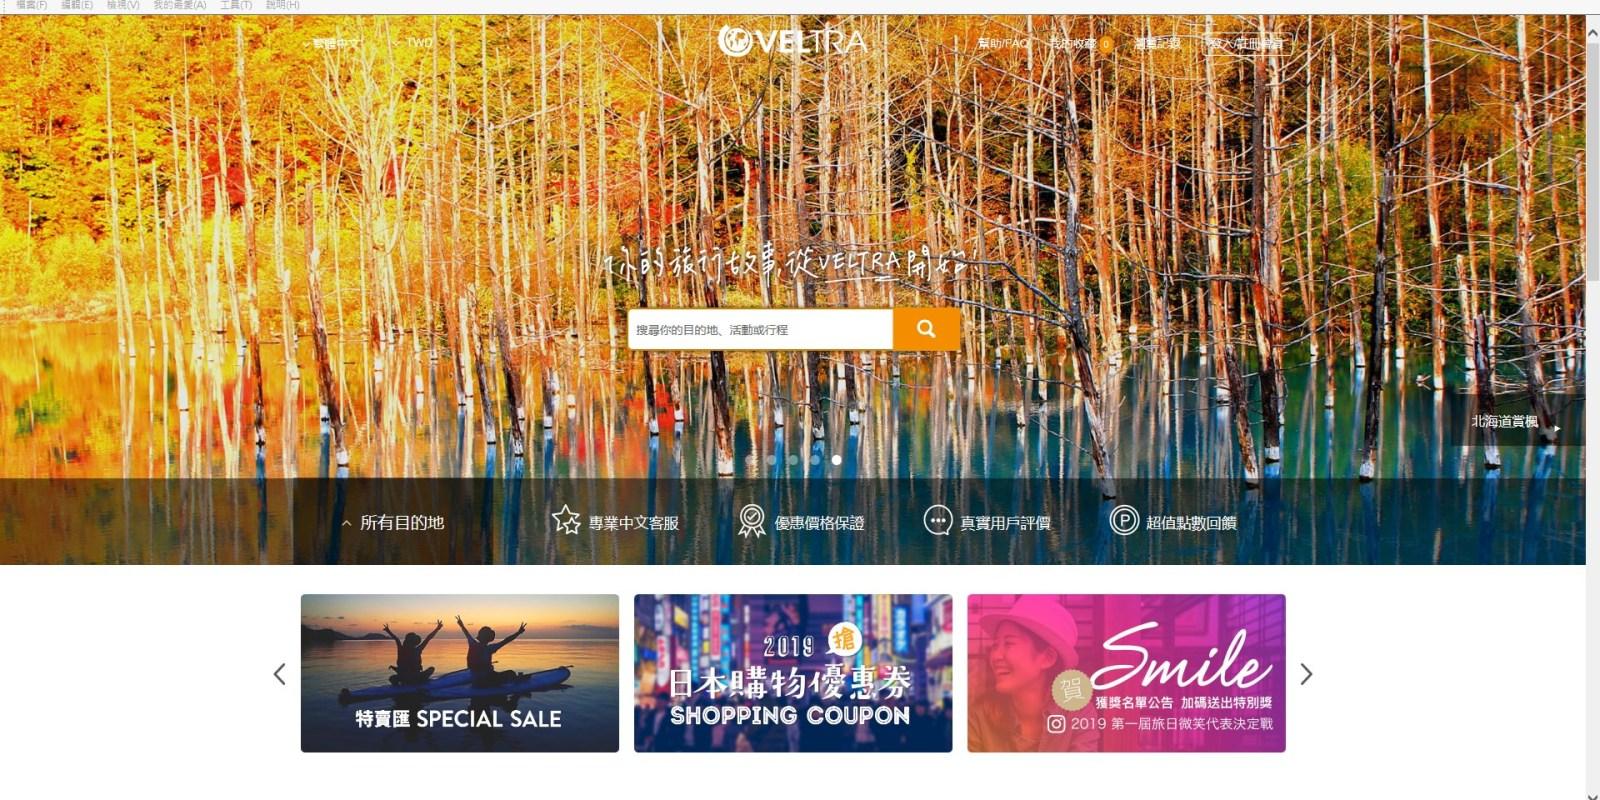 日本親子遊 日本旅遊網站VELTRA 日本自由行交通票券、景點門票、一日遊規畫好幫手 Veltra評價返現五折優惠最超值